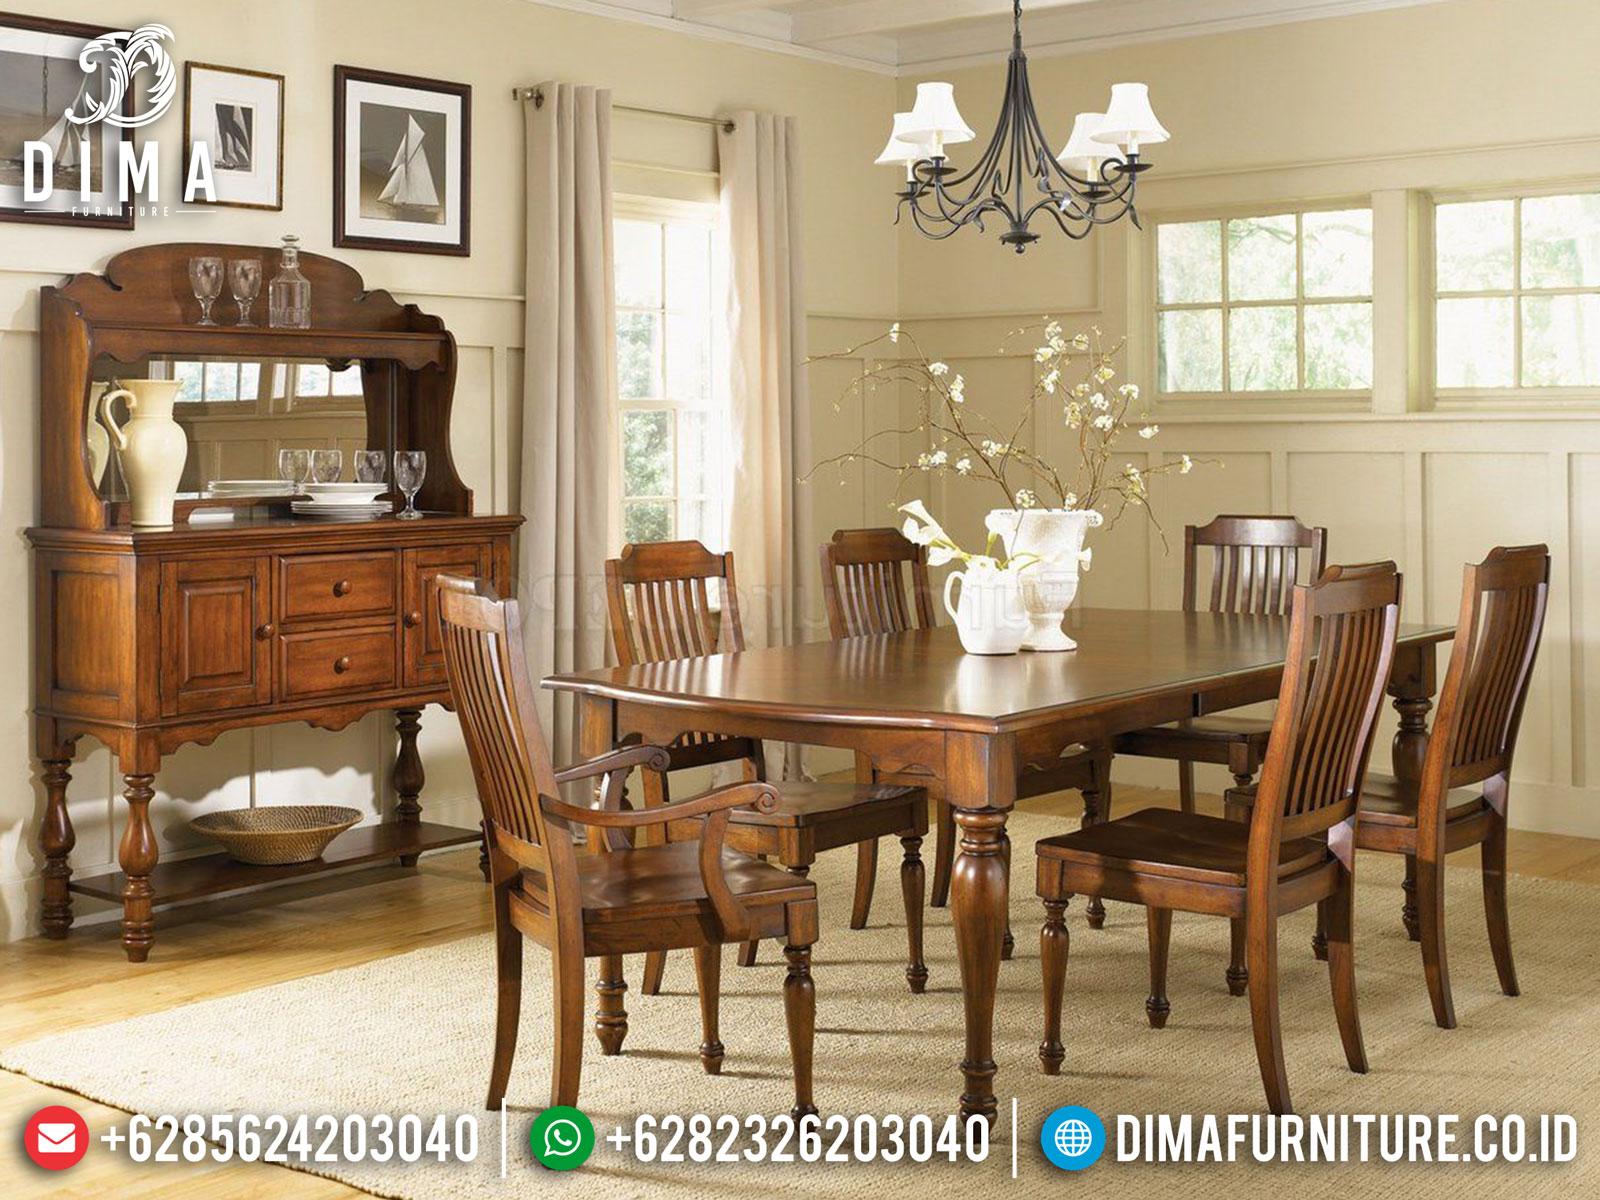 Meja Makan Minimalis Klasik Jati Natural Glossy Great Solid Wood Perhutani DF-1394